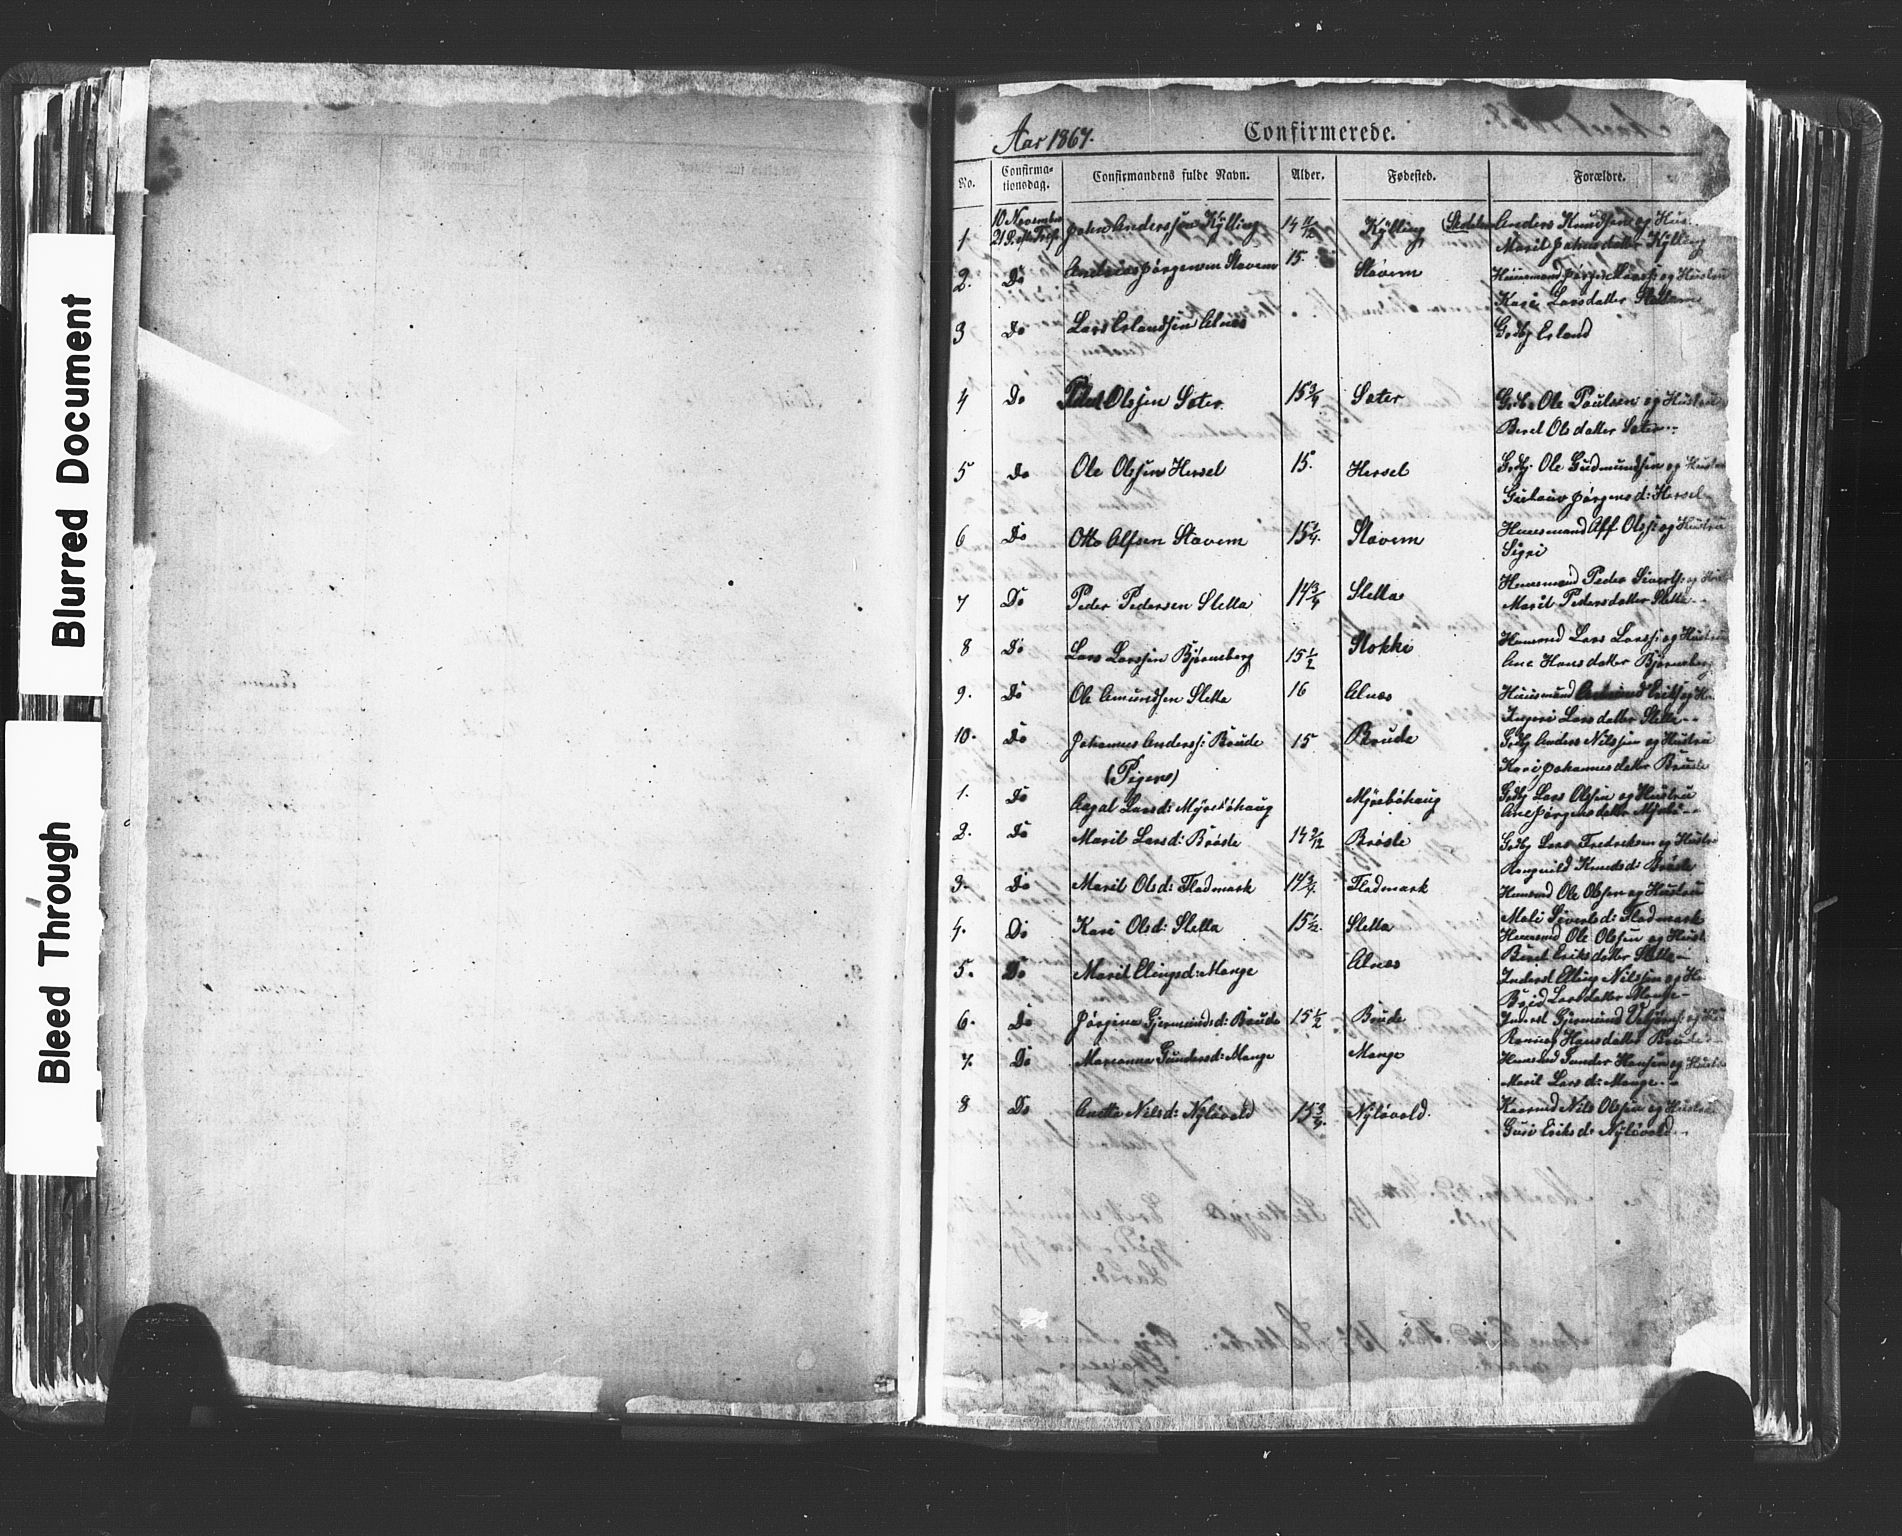 SAT, Ministerialprotokoller, klokkerbøker og fødselsregistre - Møre og Romsdal, 546/L0596: Klokkerbok nr. 546C02, 1867-1921, s. 142